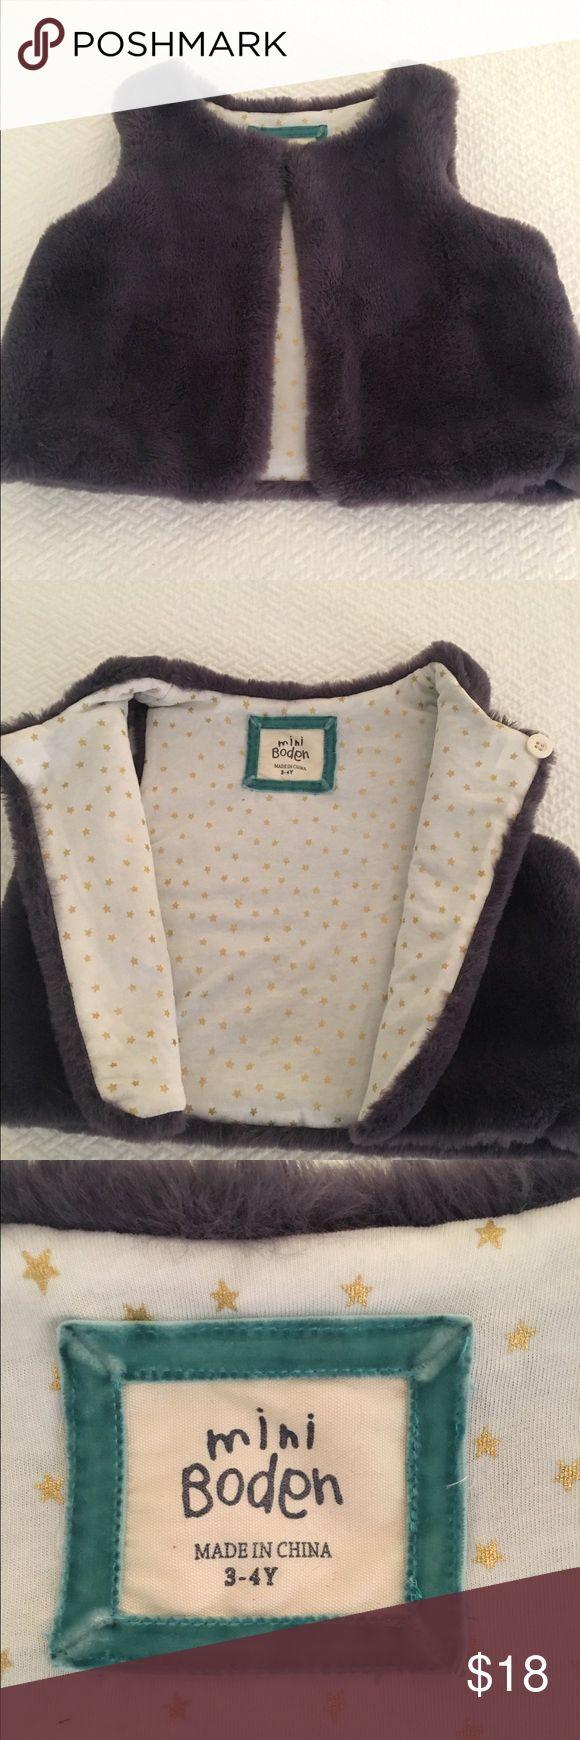 Mini Boden faux fur vest Cozy purple faux fur Mini Boden vest - in great condition! Mini Boden Jackets & Coats Vests